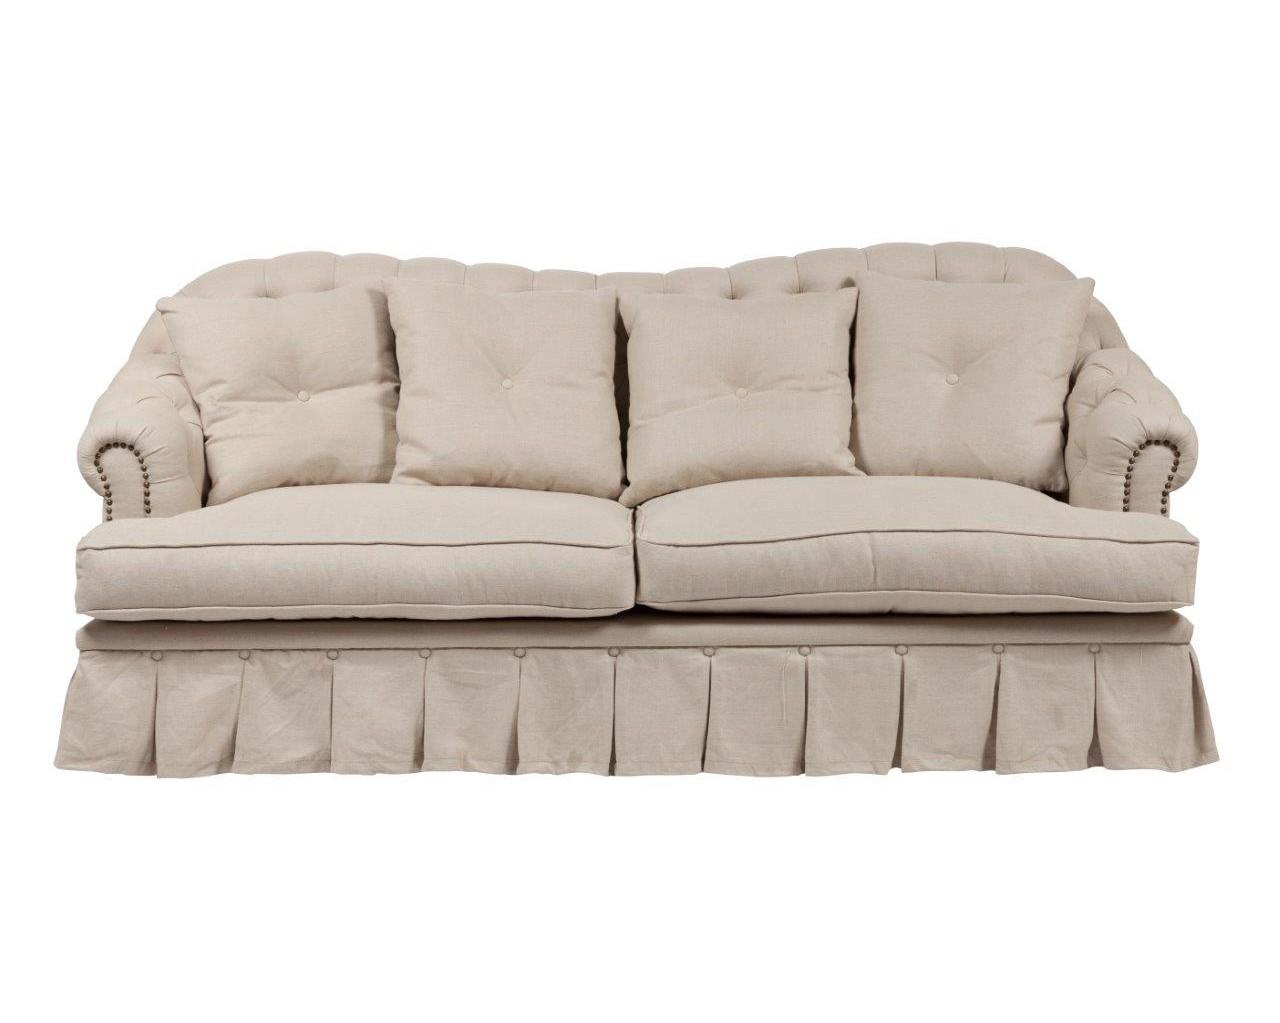 Диван RodendoТрехместные диваны<br>Необычный диван станет предметом гордости в вашей комнате, так как выглядит не просто эстетично, но обладает изяществом и невероятной грацией, погружаясь в которую, хочется более не покидать его пределов. Он — не объект опасности для здоровья, так как материалы для его изготовления подобраны в соответствии с защитой самочувствия, но одновременно не является предметом, где сидение на протяжении определенного срока вызывает неудобство. Плавные изгибы спинки придают дивану изысканность и уют, словно приглашая укрыться от всего мира и попасть в иное пространство, пропитанное покоем и гармонией. С ним удобно управляться, а пол — всегда доступен к уборке, хотя этого нельзя сразу понять, благодаря искусной маскировке. Модель создал легендарный английский дизайнер Тимоти Олтон (Timothy Oulton).<br><br>Material: Текстиль<br>Width см: 220<br>Depth см: 90<br>Height см: 100